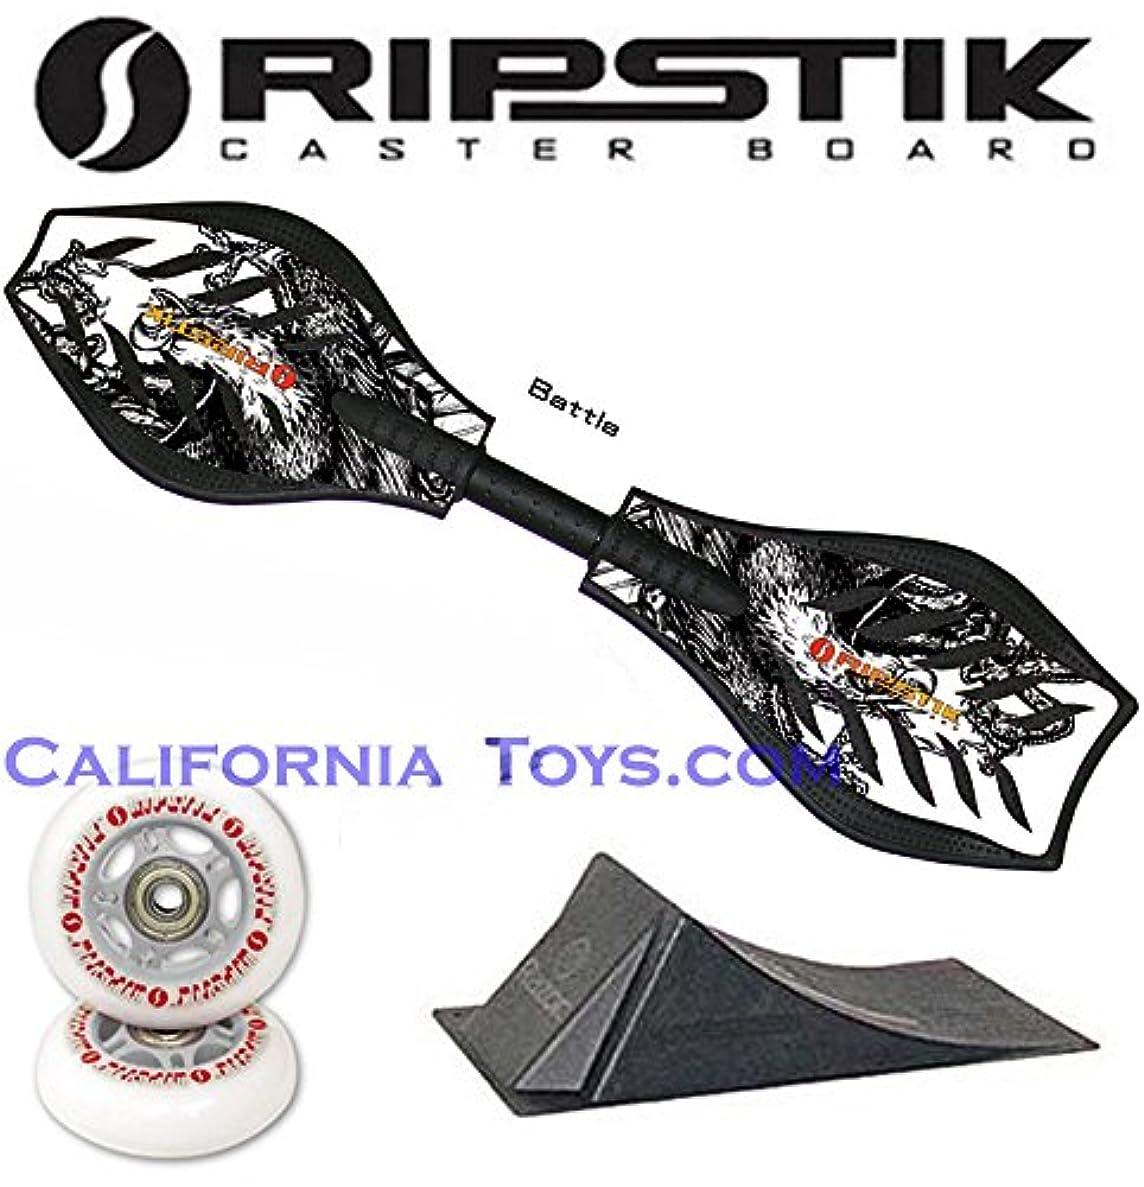 寝てるとにかく噂Razor Ripstik 限定版 バトルキャスターボード スケートボード パンクスロープとグレーホイールの追加セット